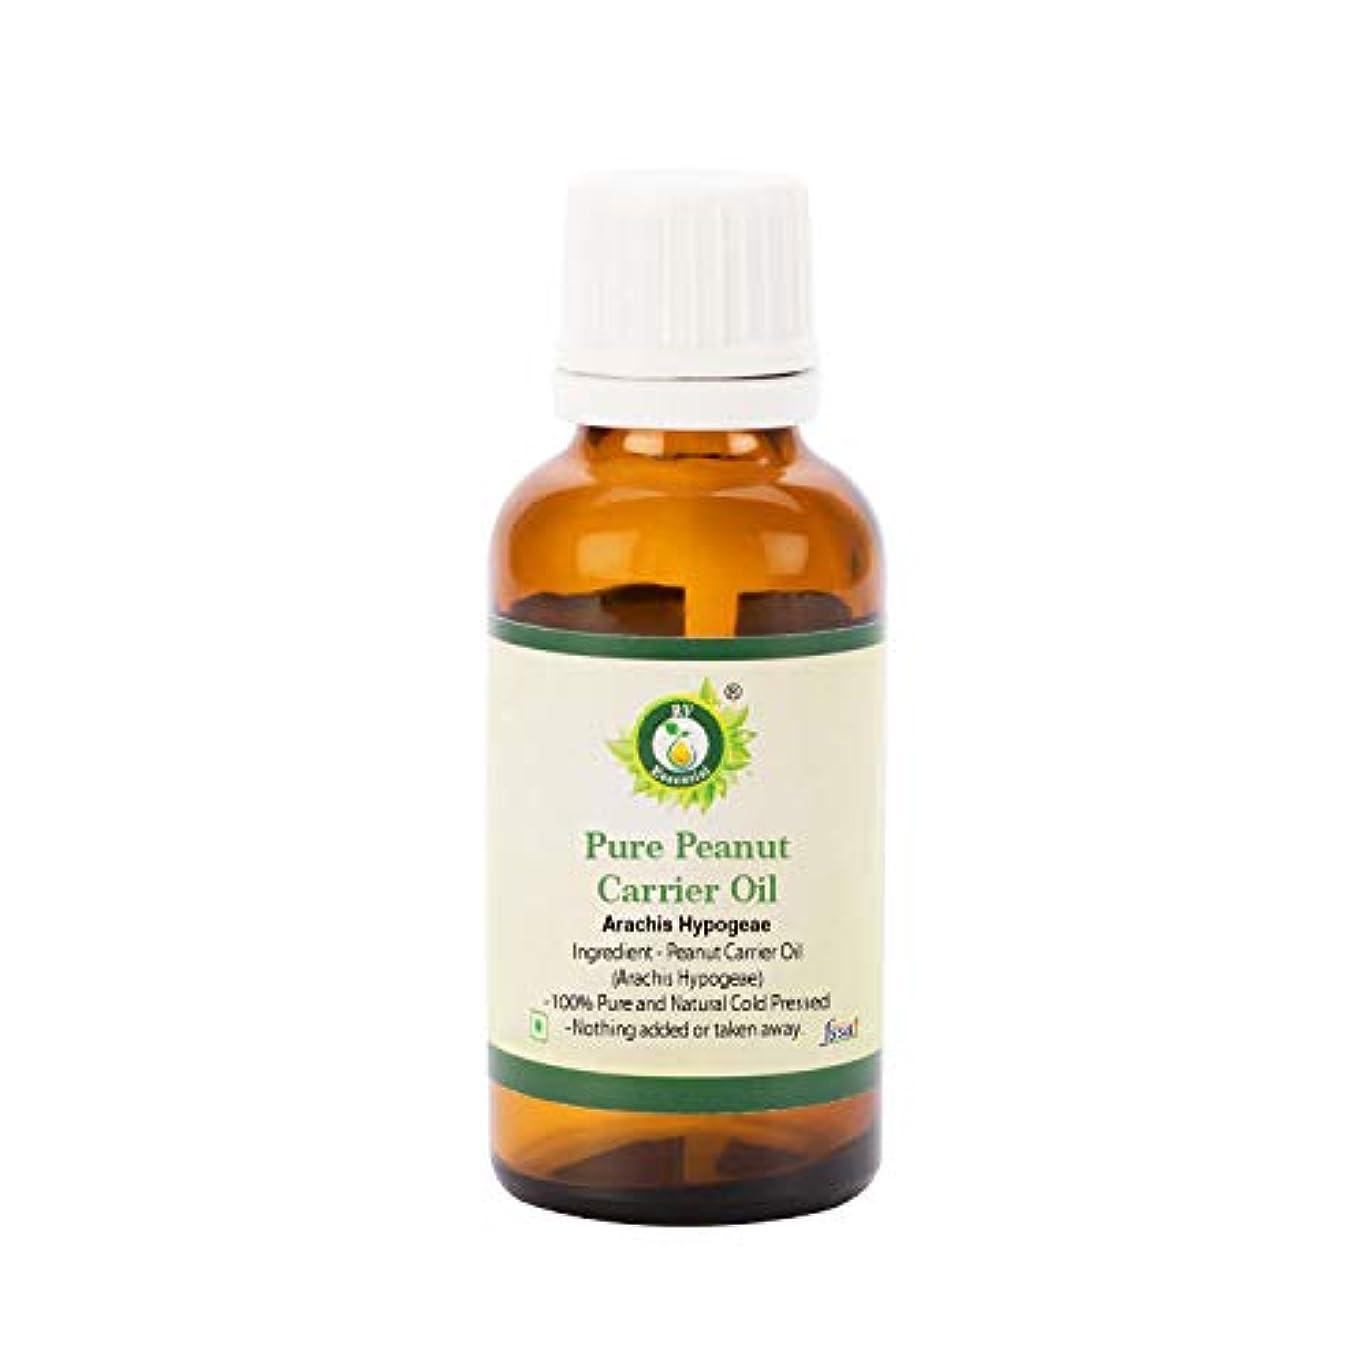 残忍な接続詞曲R V Essential 純粋なピーナッツキャリアオイル5ml (0.169oz)- Arachis Hypogeae (100%ピュア&ナチュラルコールドPressed) Pure Peanut Carrier Oil